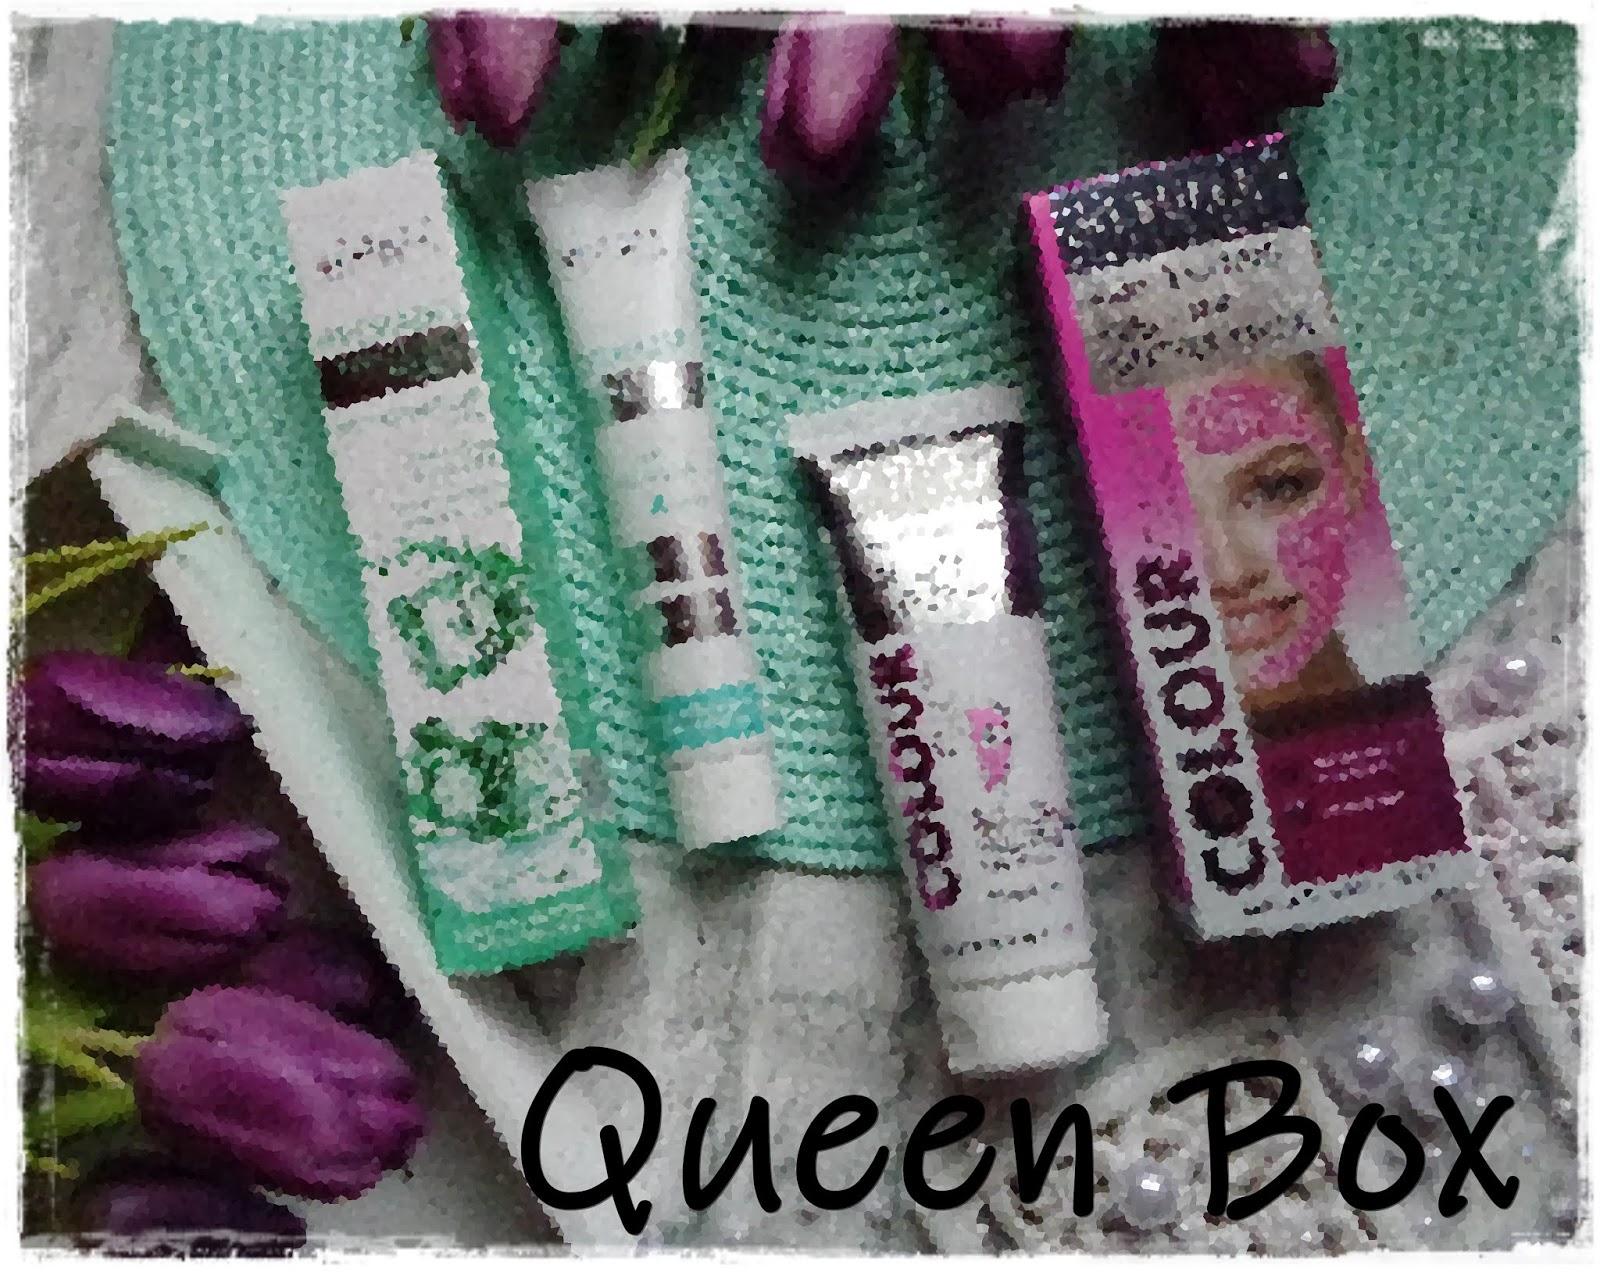 Queen Box - Nowe Pudełko, Nowe Emocje Czy Jestem Zadowolona?